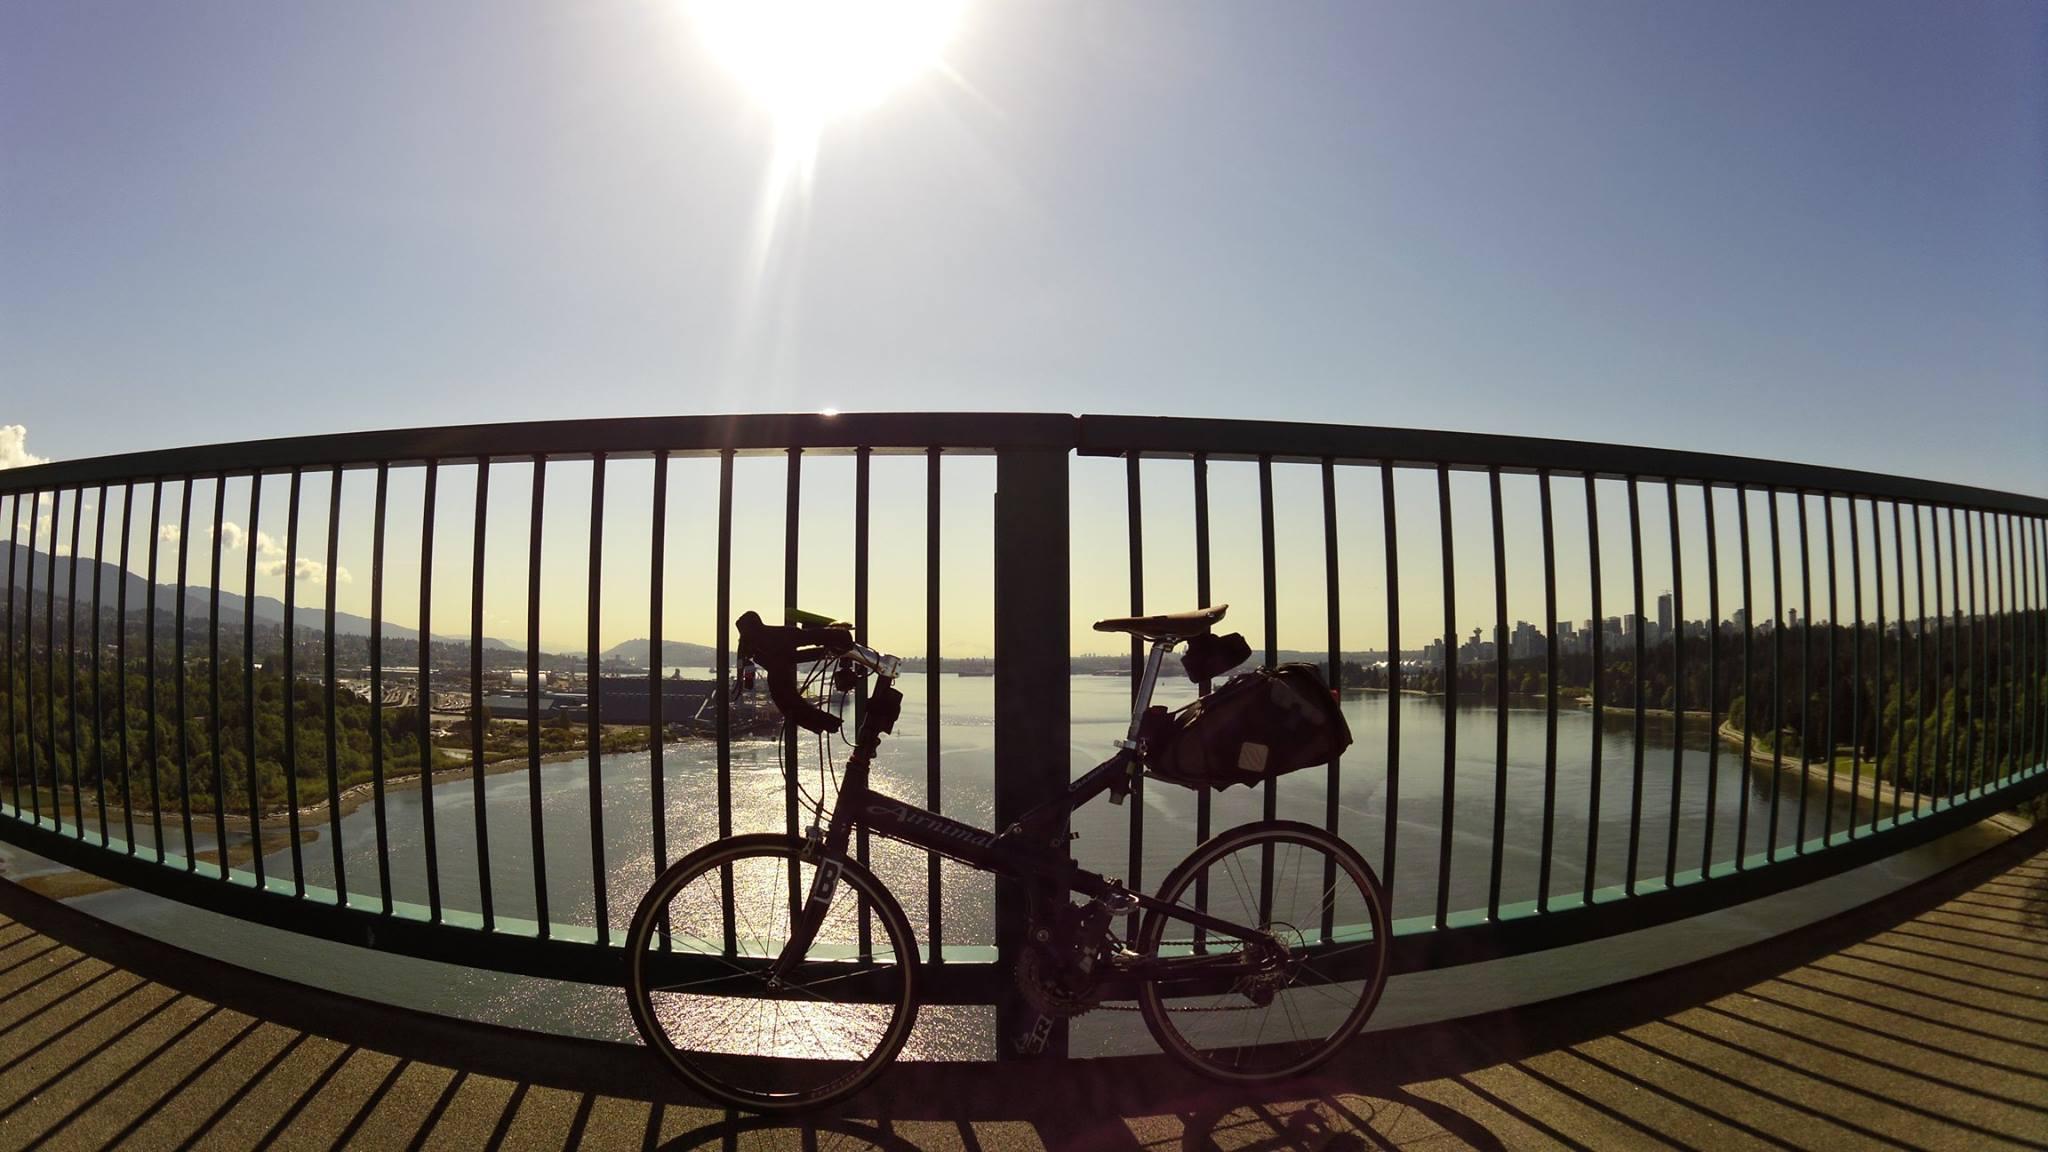 Airnimal in British Columbia (Lion Bridge)